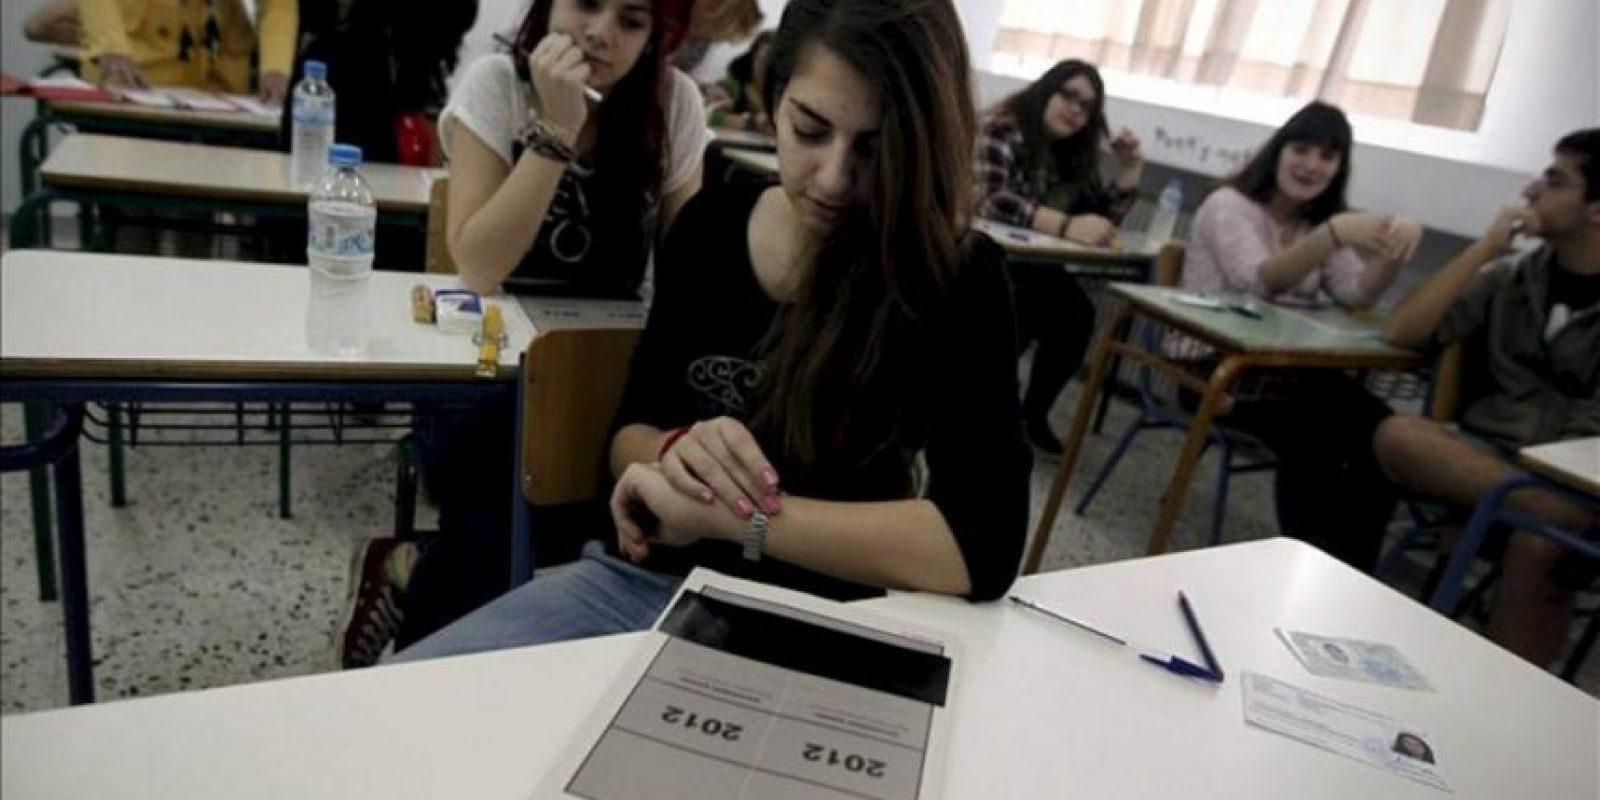 Estudiantes esperan el comienzo de los exámenes de acceso a la universidad, en Atenas, Grecia. EFE